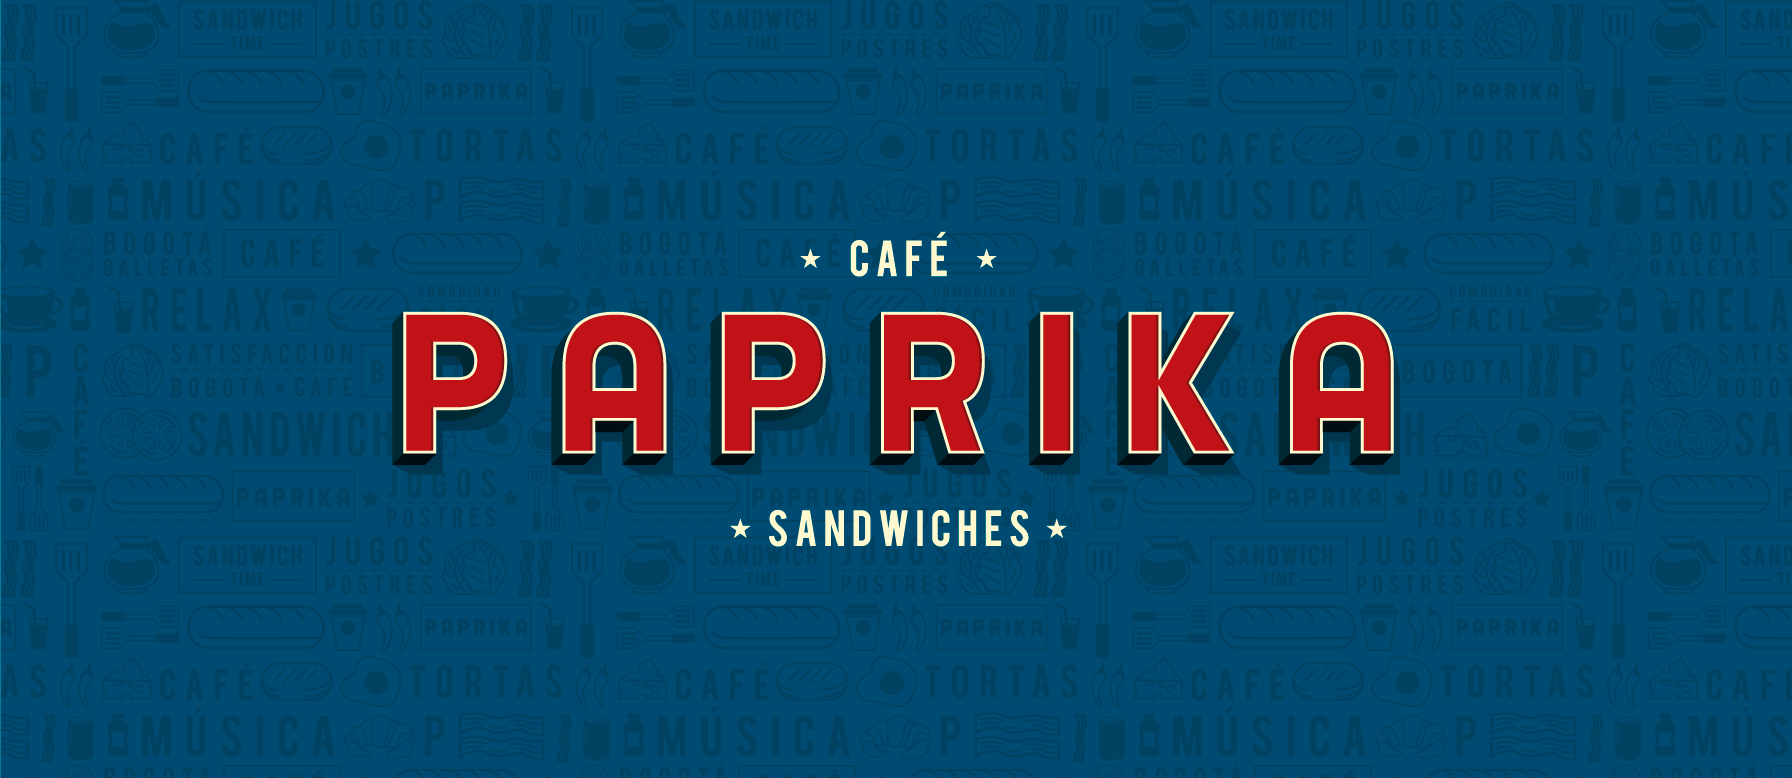 Paprika Café